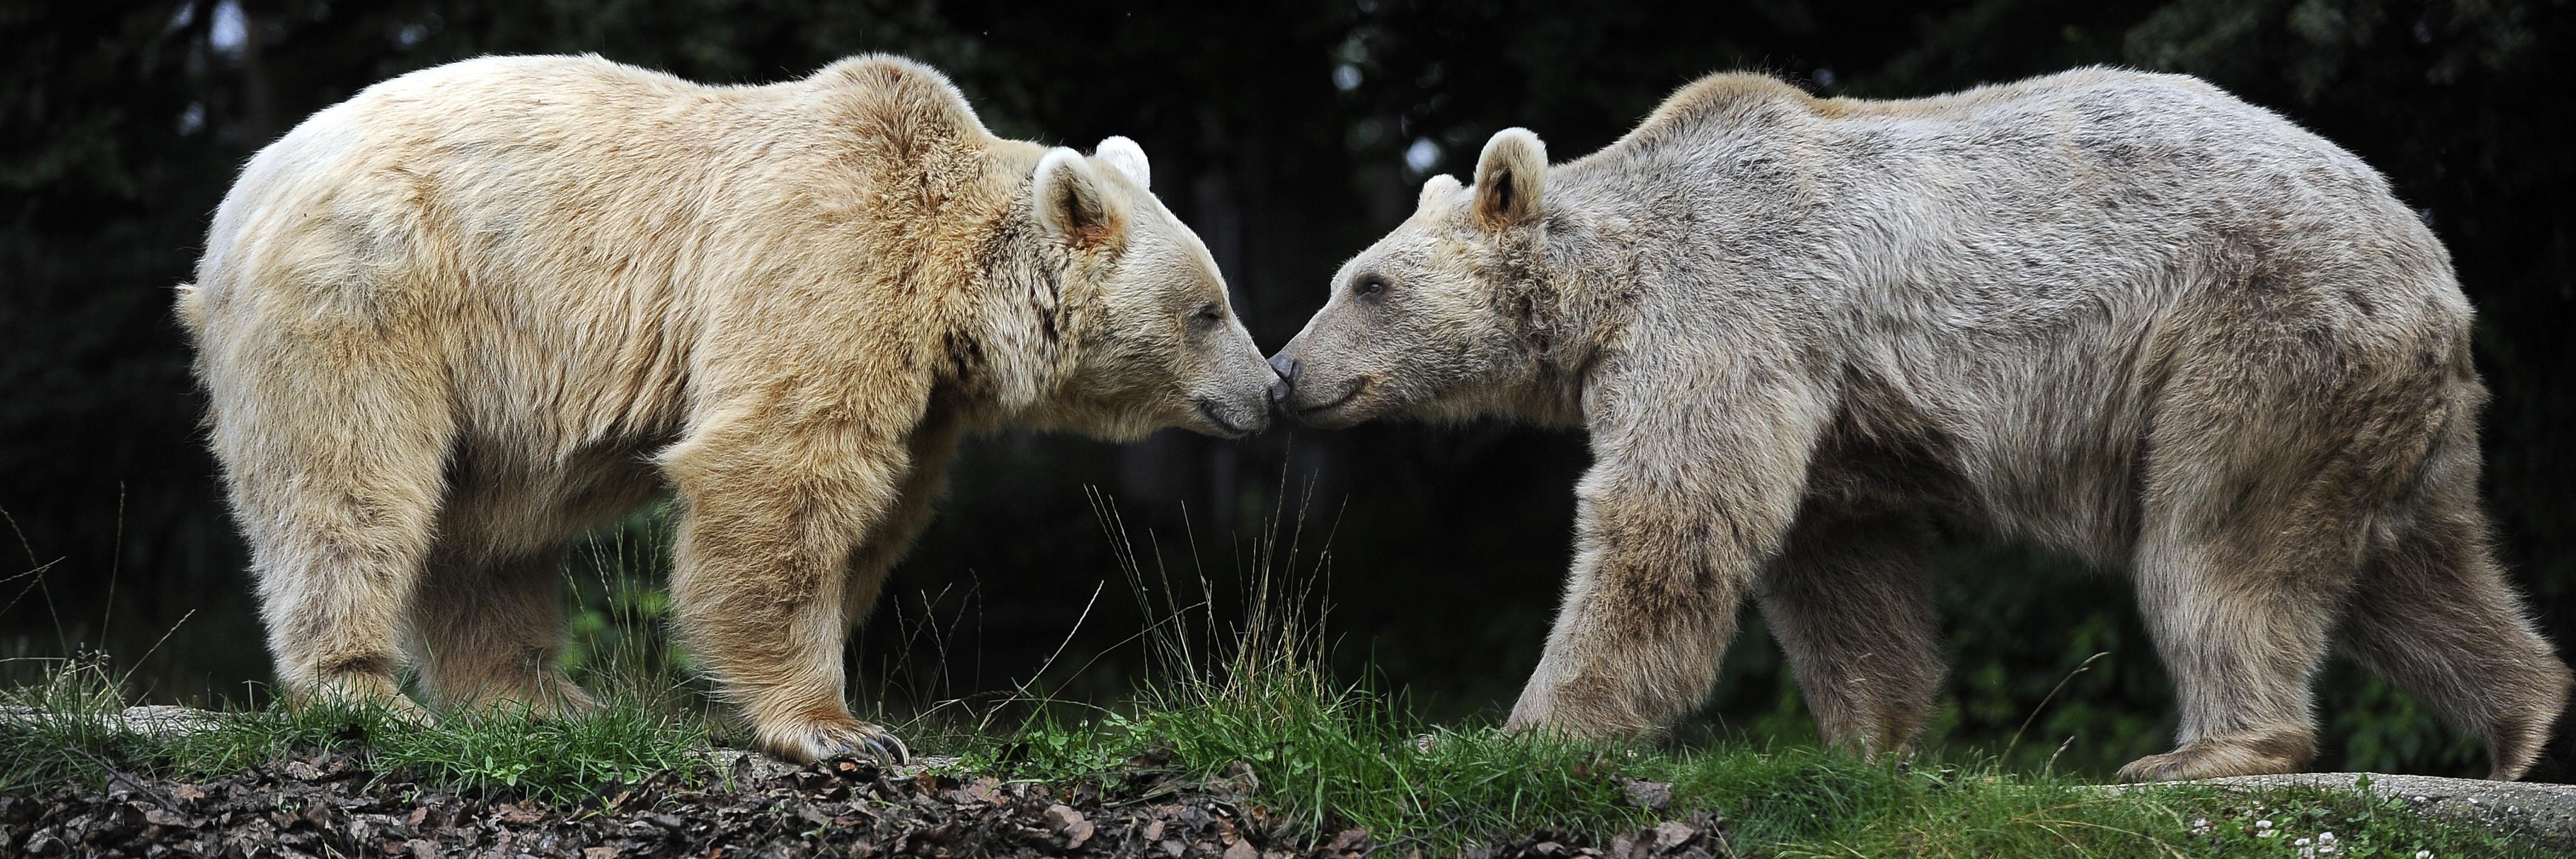 Zwei Bären im BÄRENWALD Arbesbach